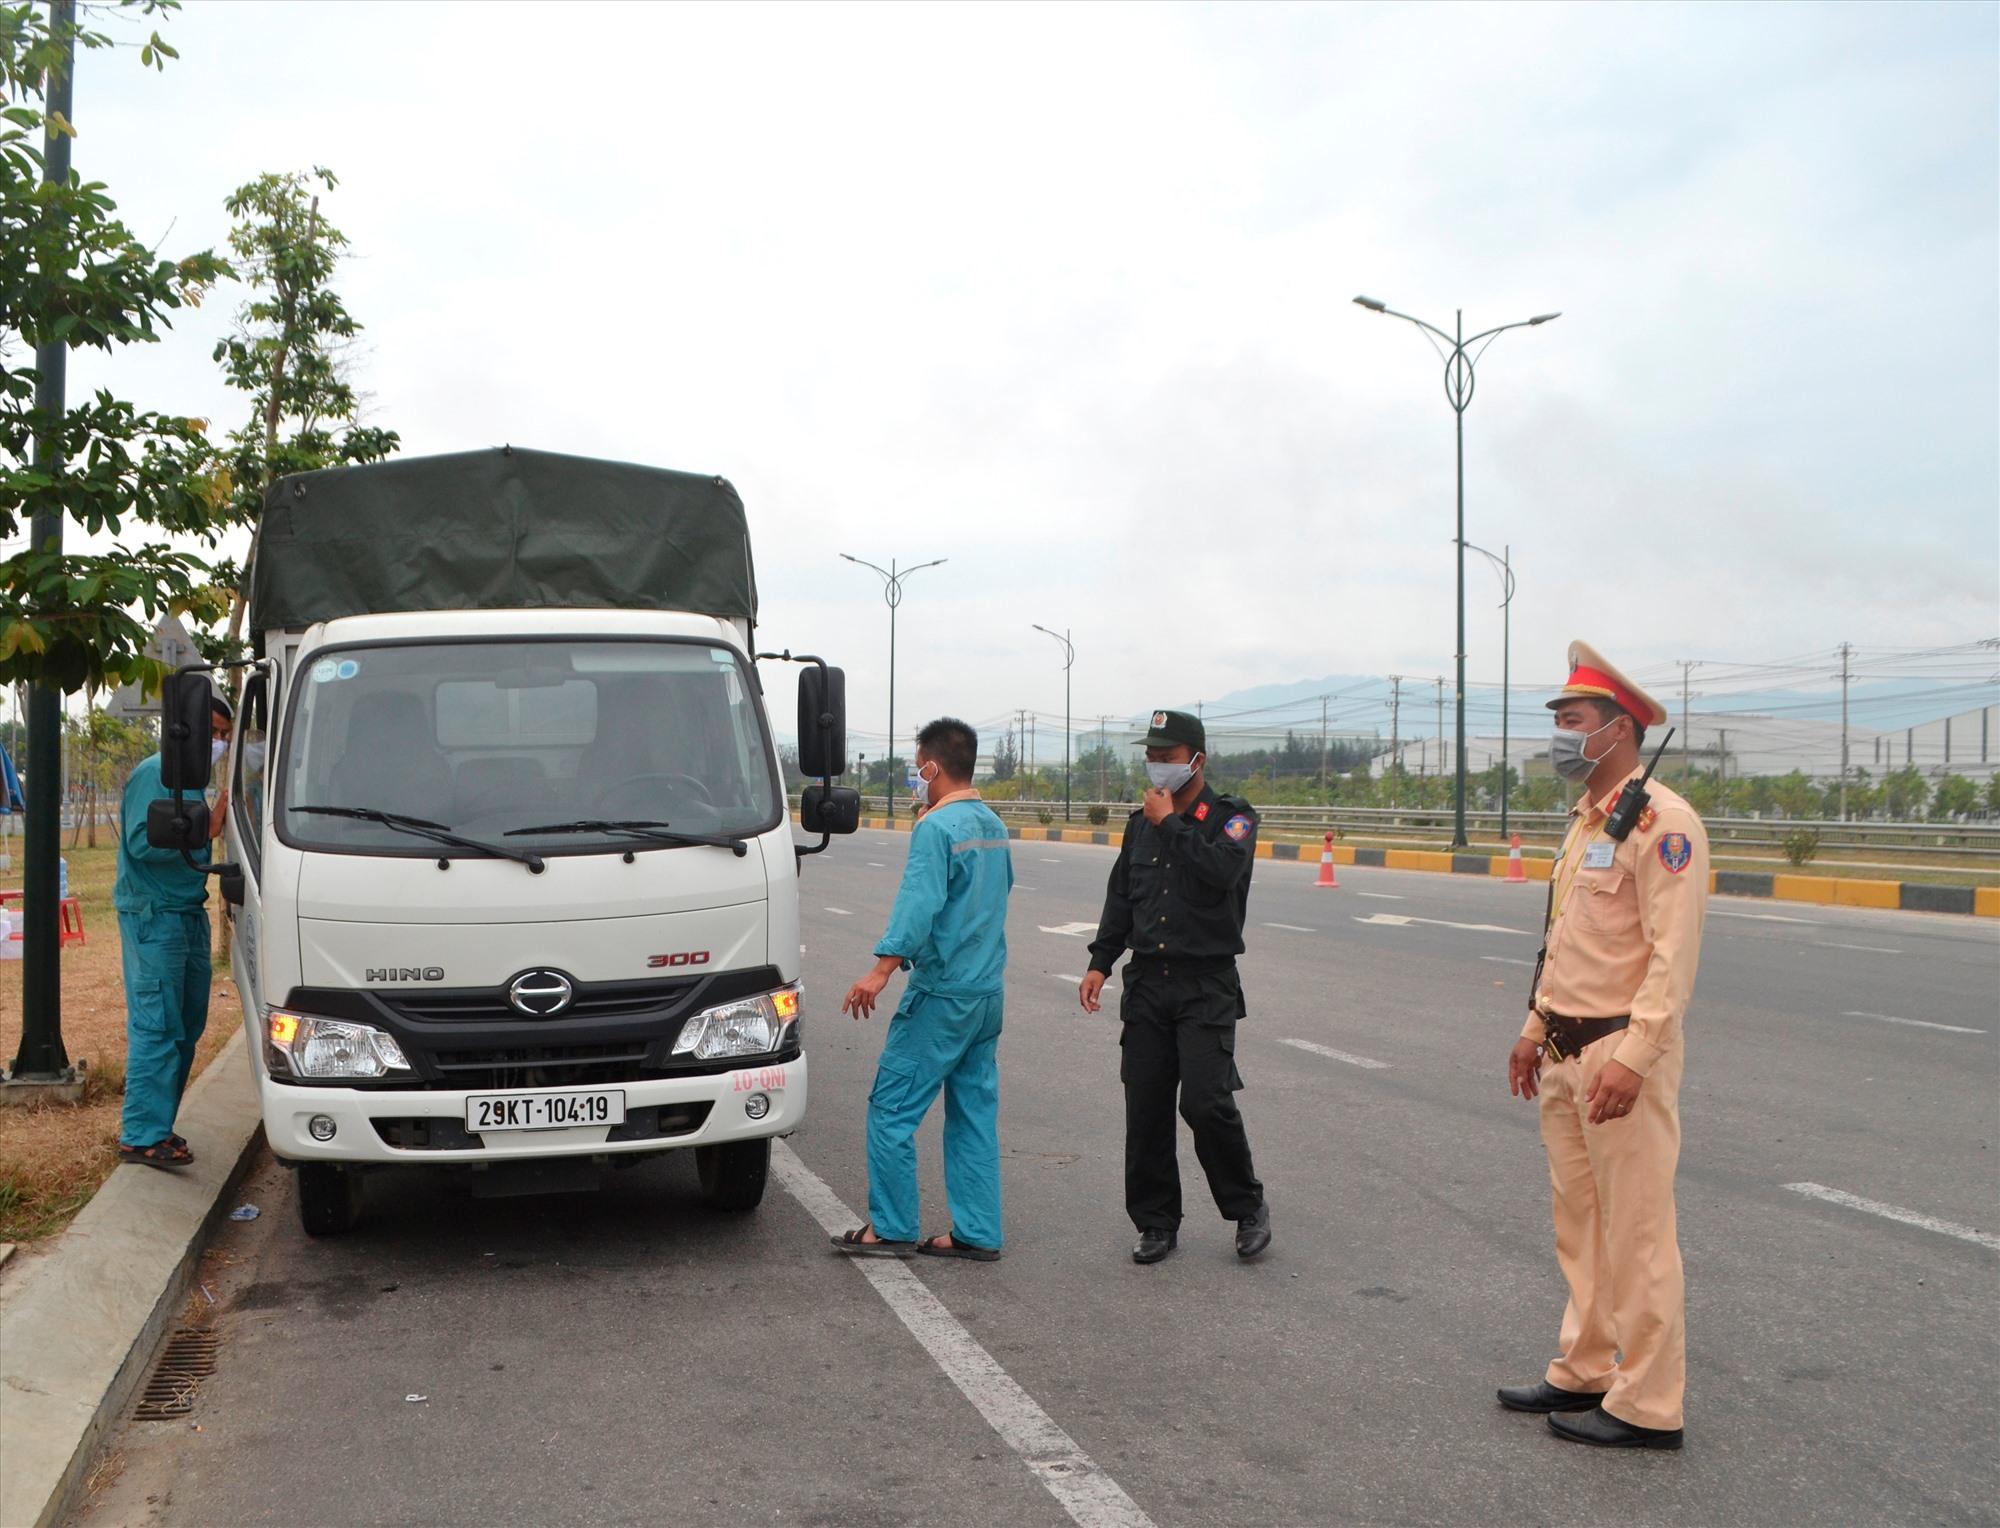 Kiểm soát phương tiện về phòng dịch đi trên quốc lộ 1 qua Núi Thành. Ảnh: CT